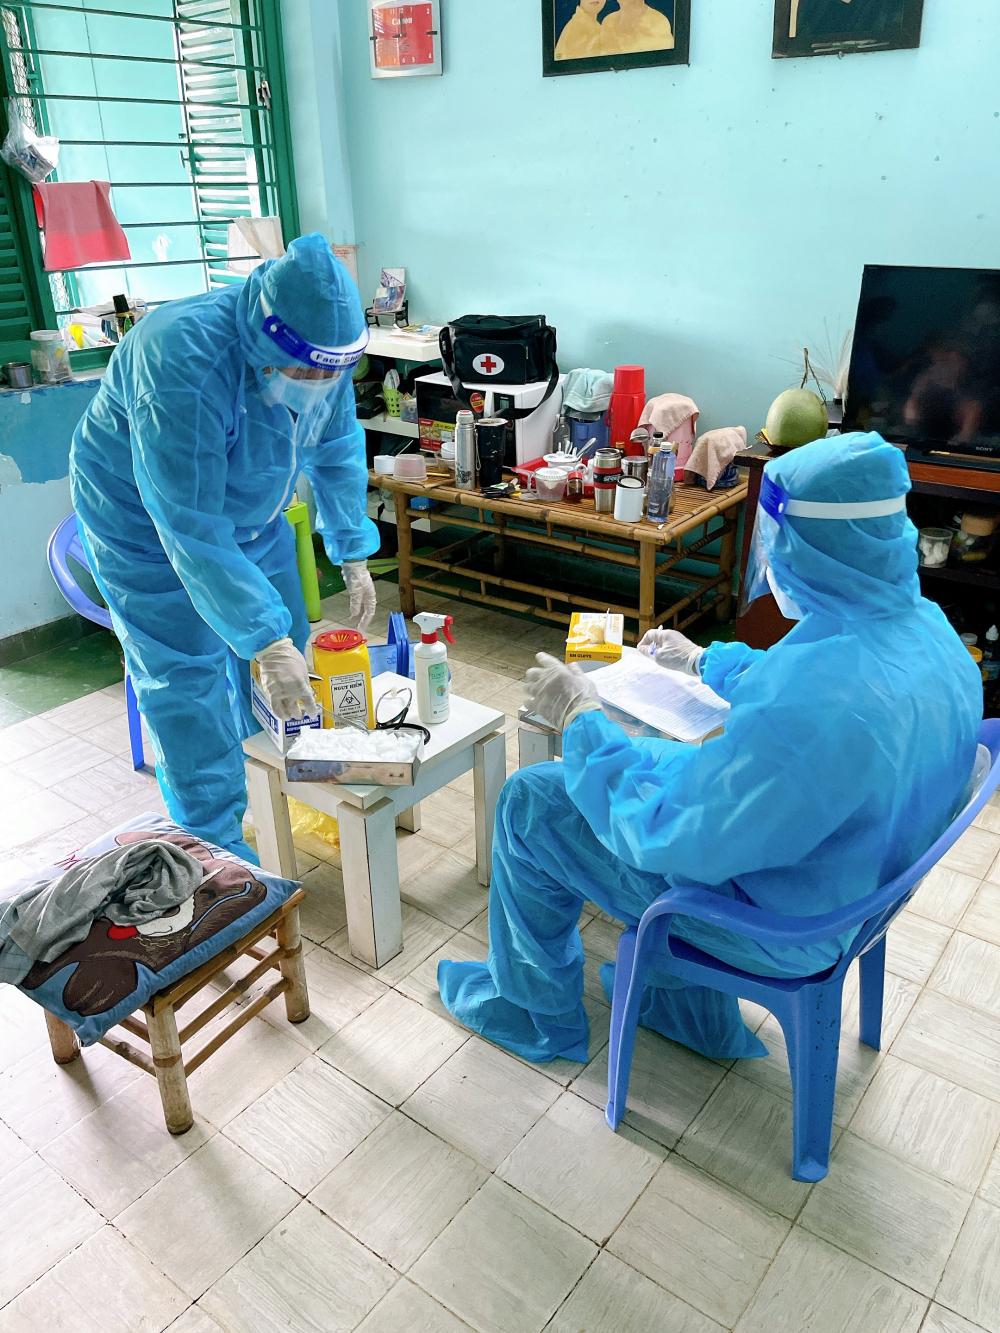 Nhiều y bác sĩ đã về hưu trở lại tham gia hỗ trợ lực lượng y tế ở cơ sở, nhiều địa phương triển khai đội hình y tế lưu động xuống tận nhà chăm sóc người bệnh.